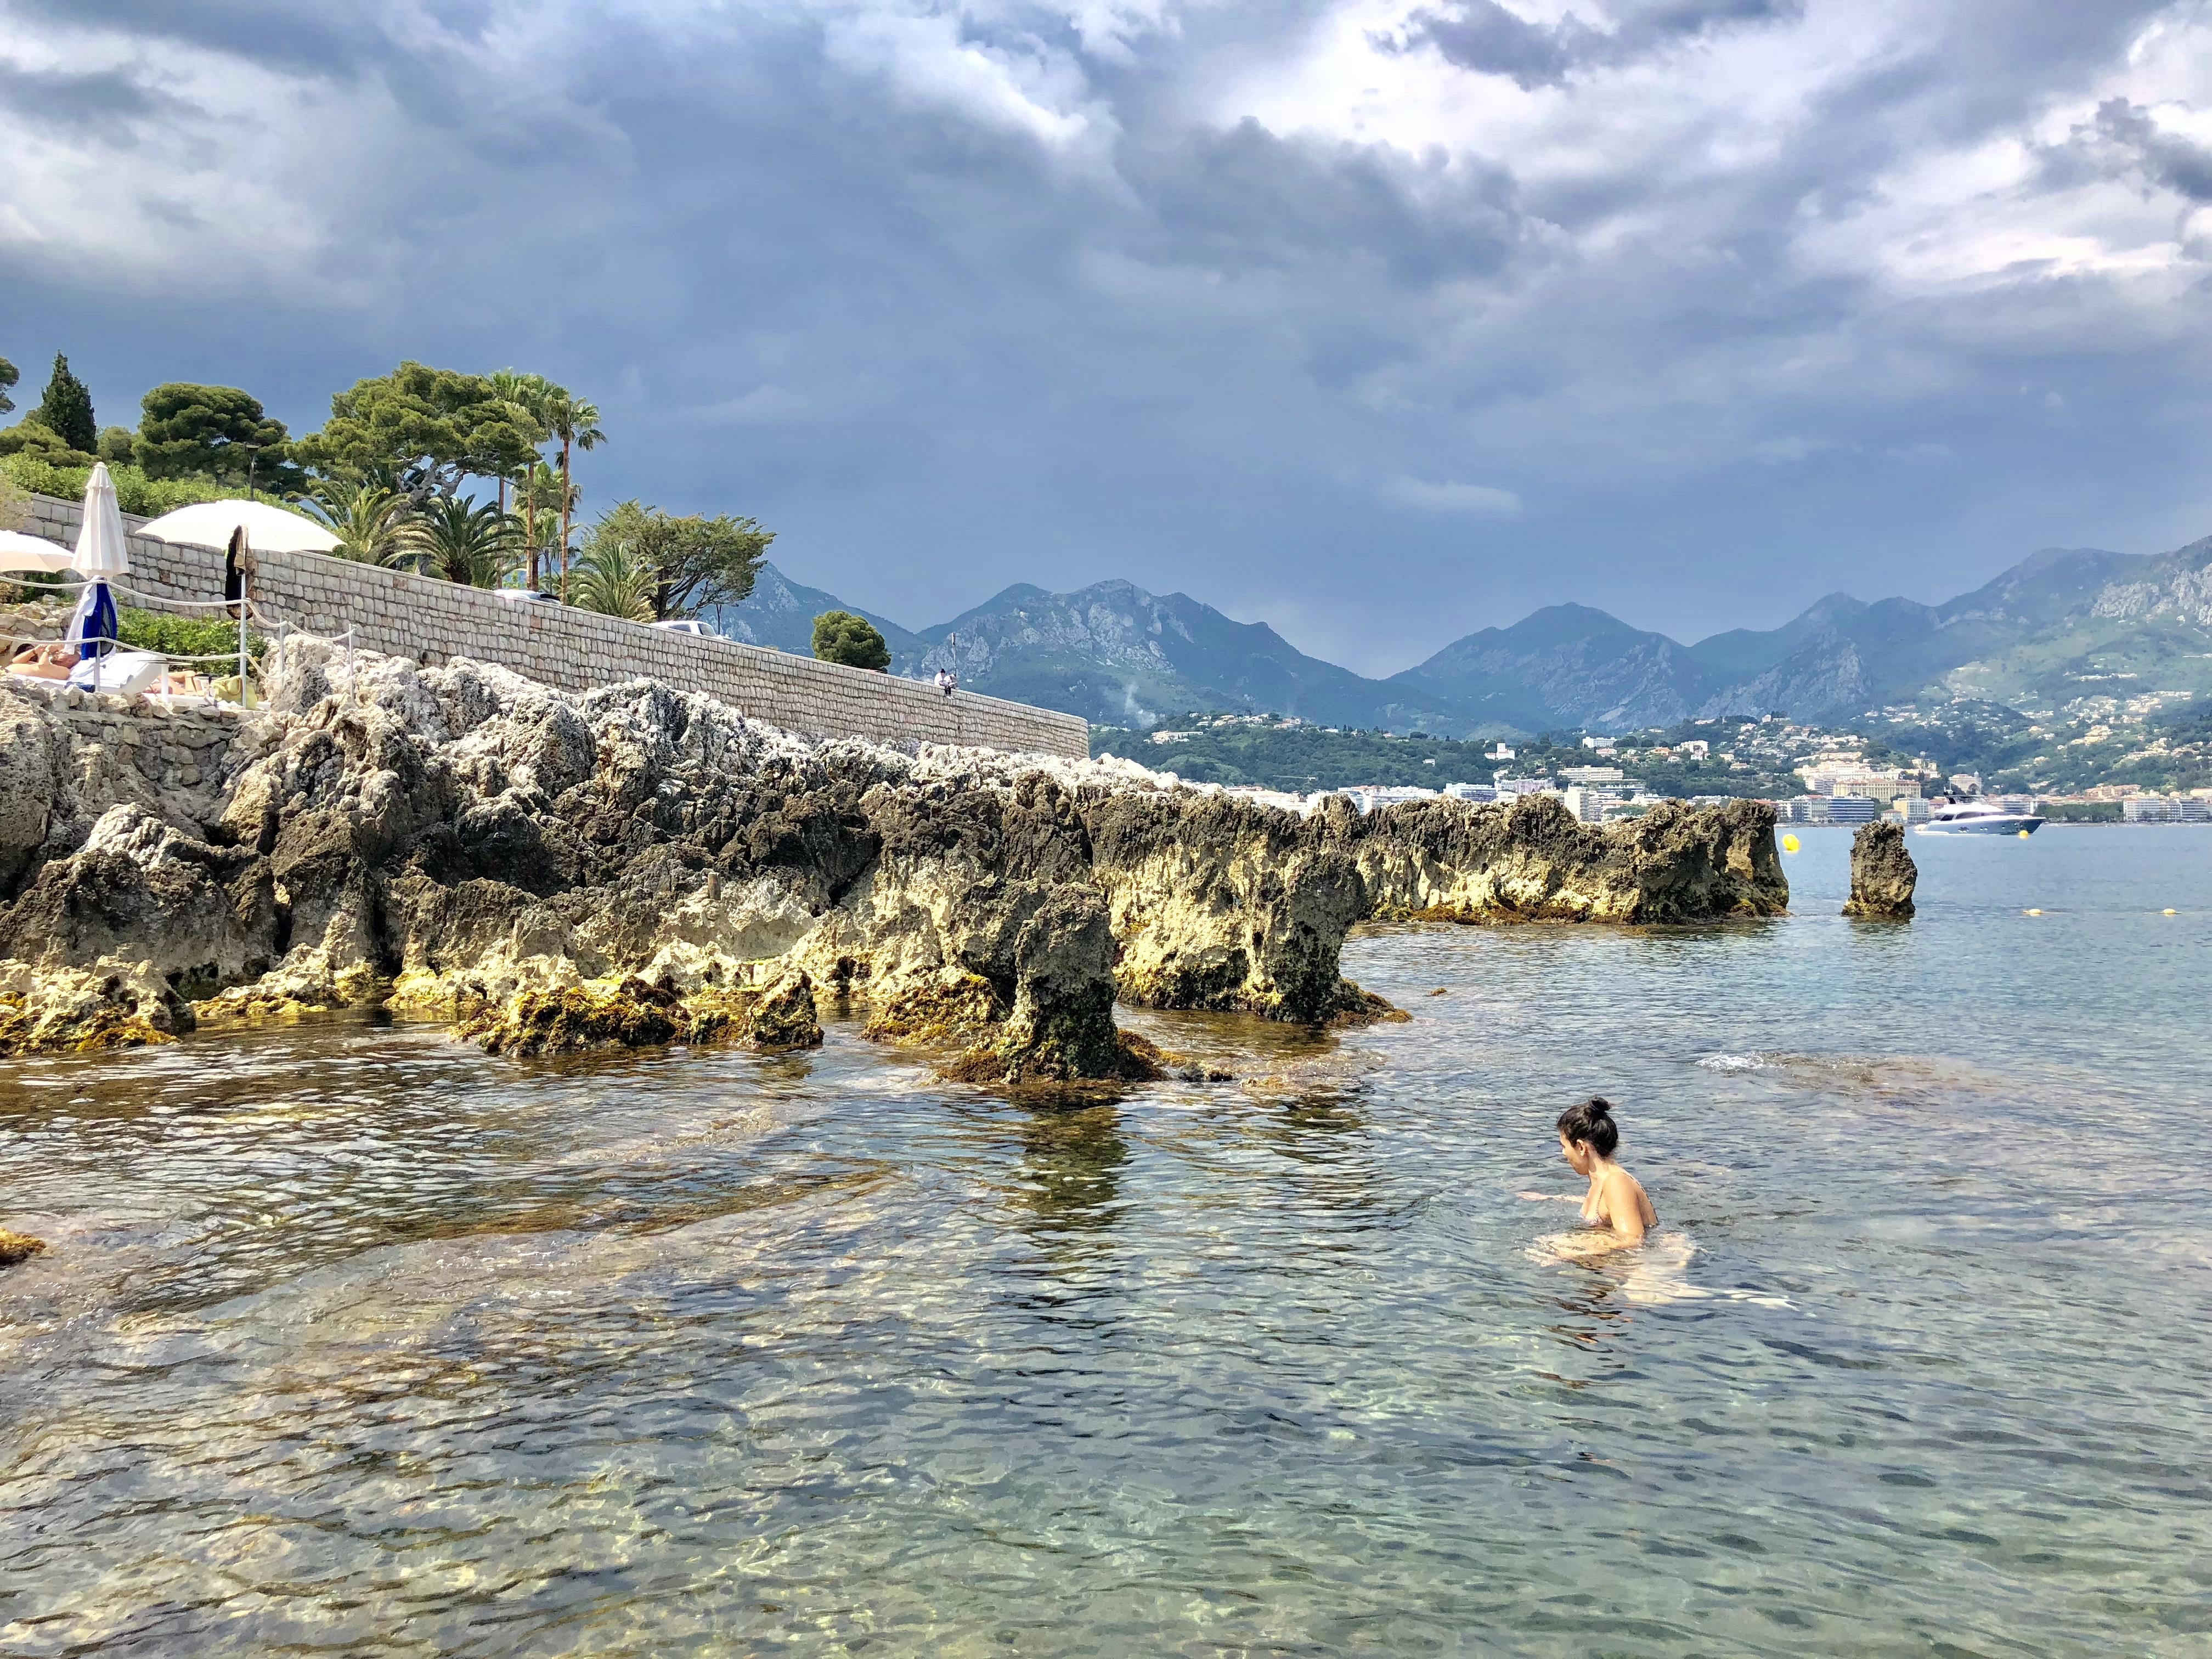 baignade-roquebrune-cap-martin-sentier-littoral